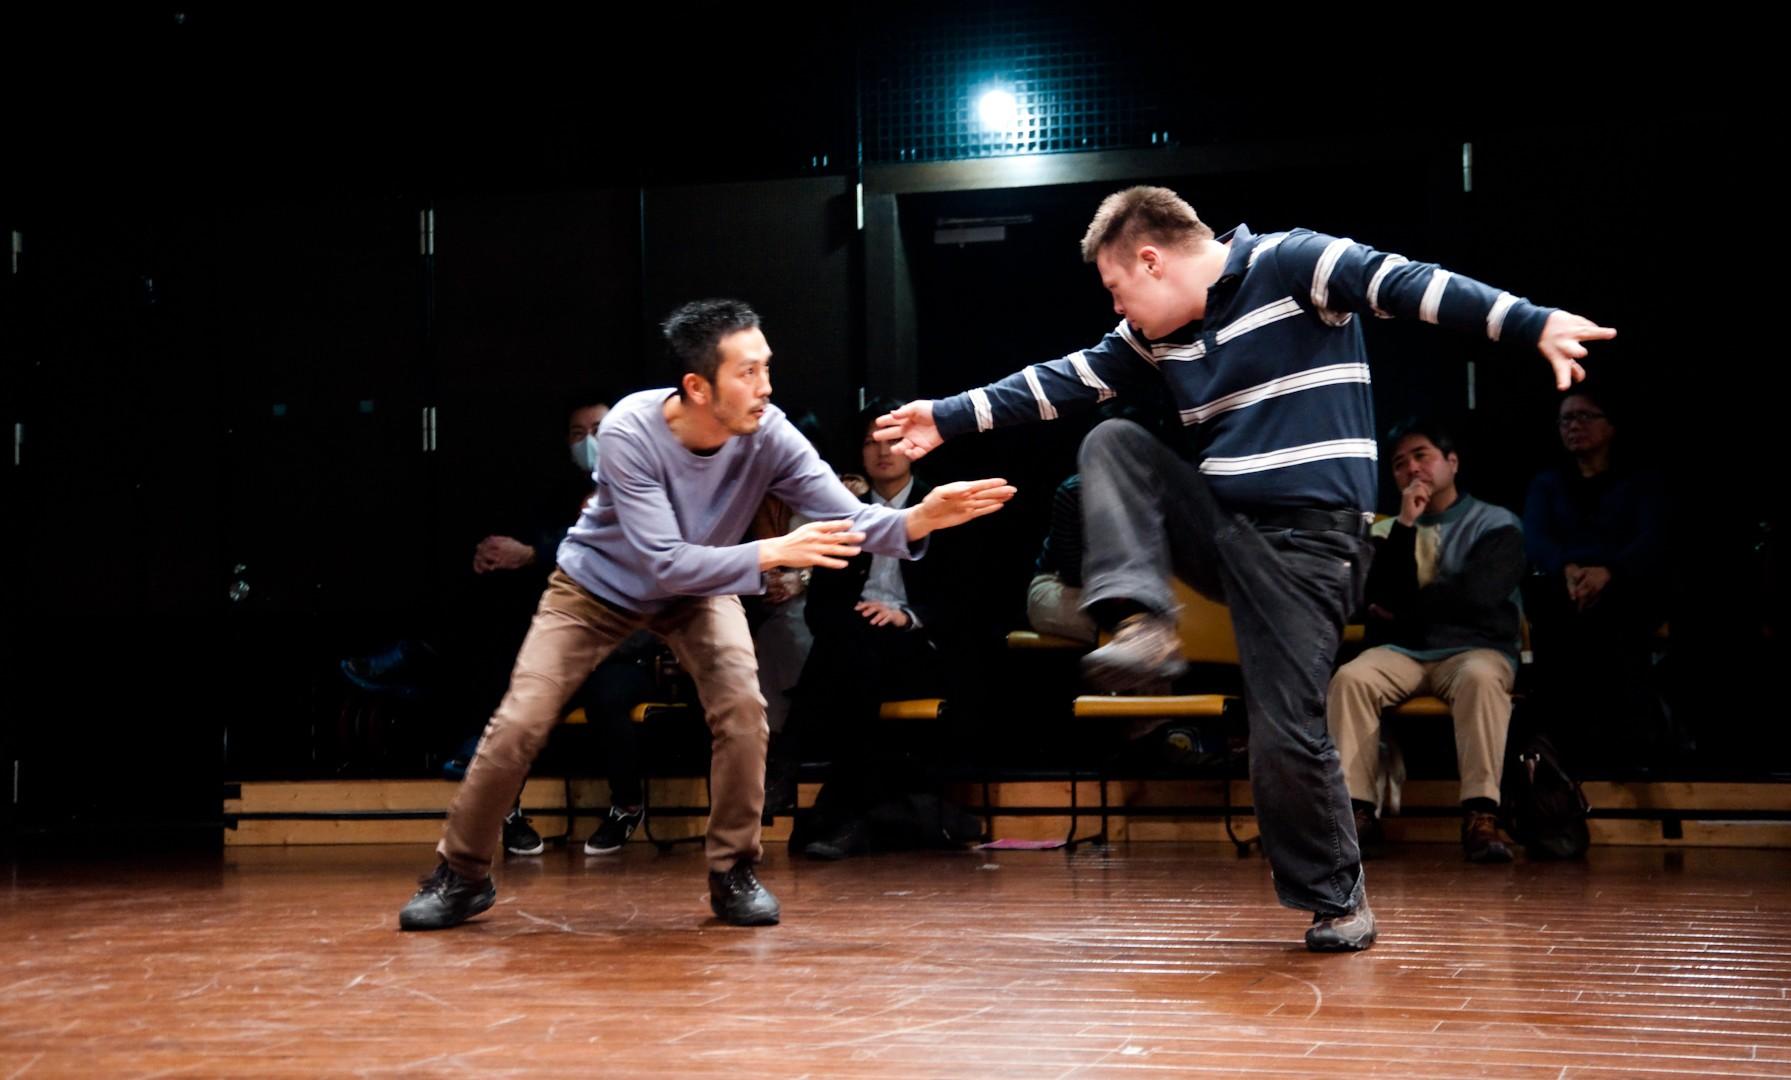 Szenenfoto einer Auffuehrung: Zwei Maenner in Alltagskleidung tanzen.